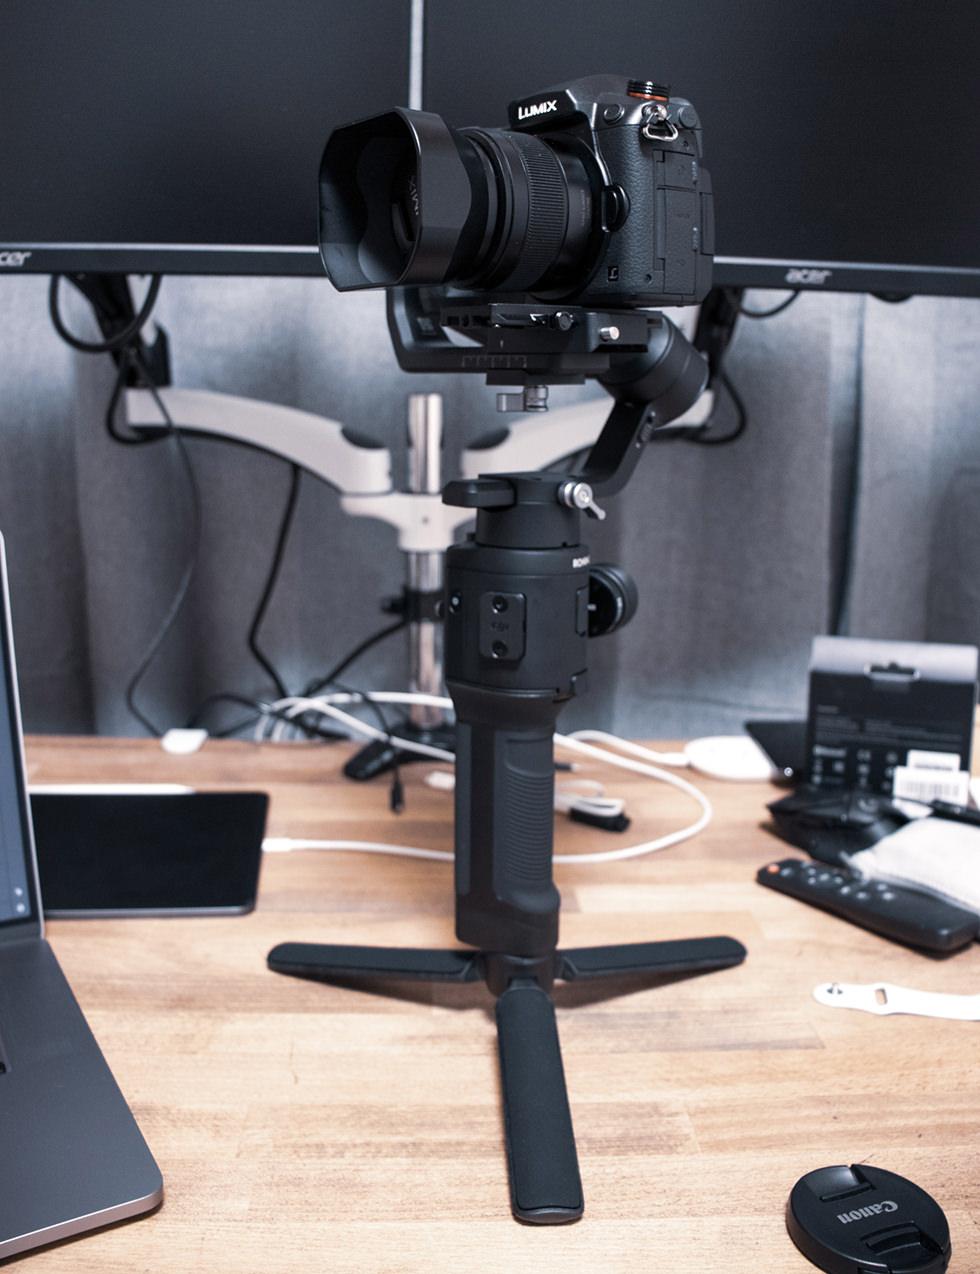 ミラーレスカメラ用ジンバル DJI Ronin-SC に Panasonic GH5Sをセットしたところ